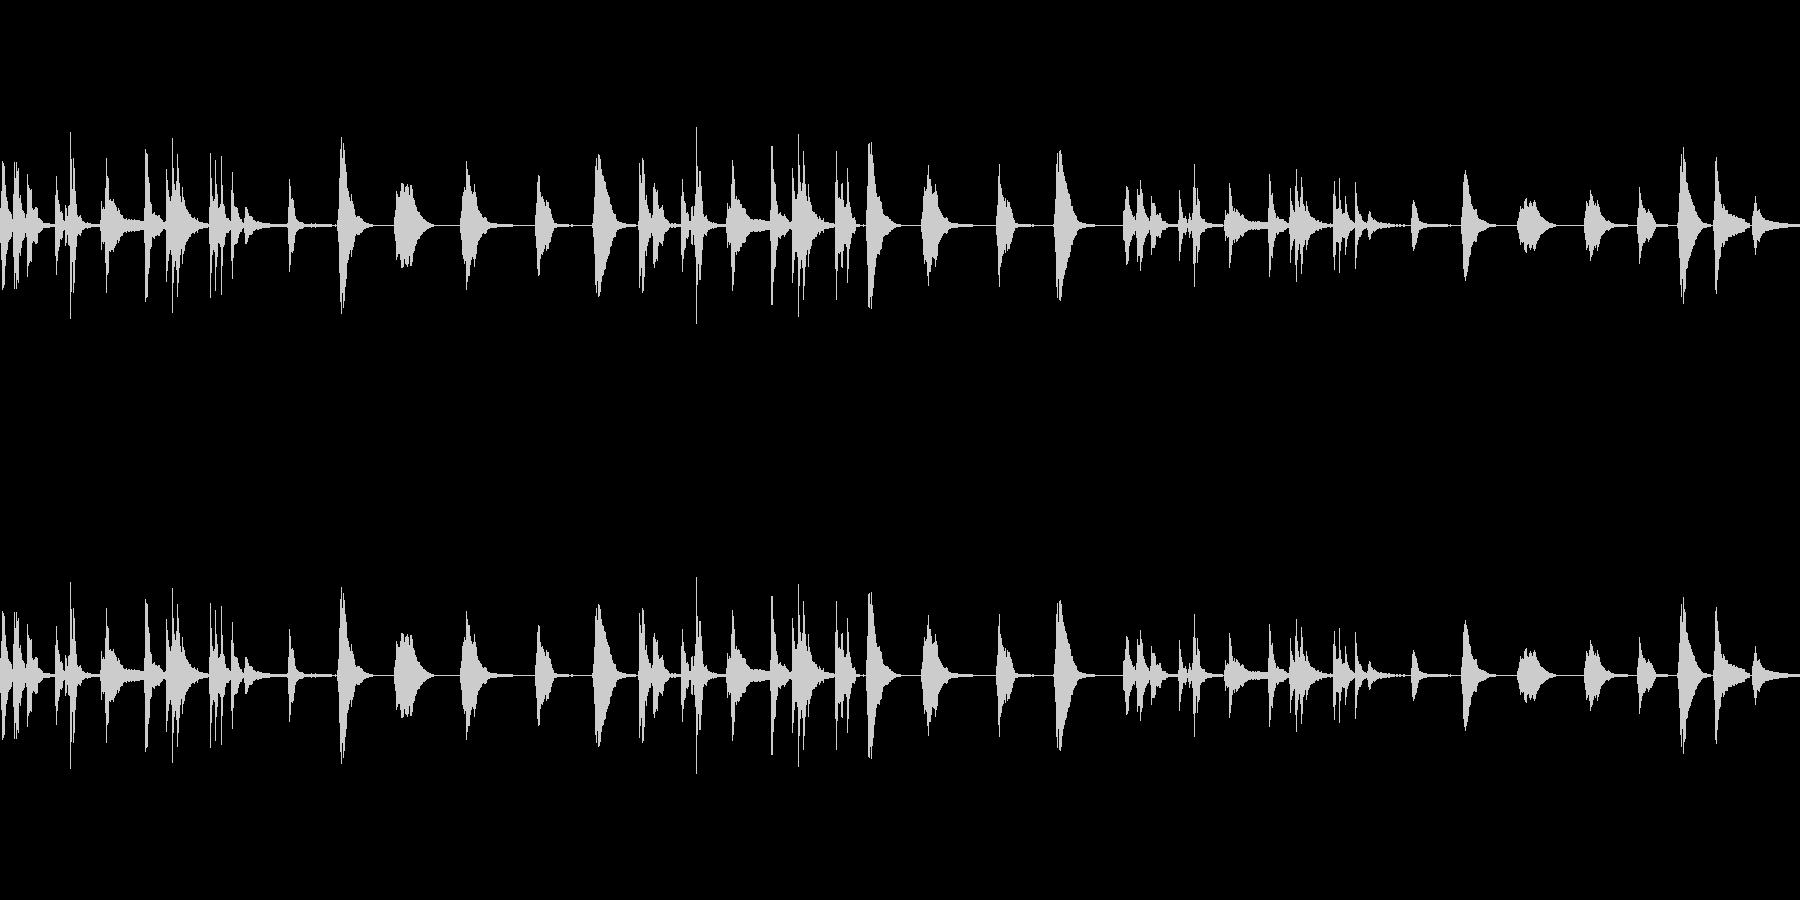 気まぐれな、ベルのようなトーン:優...の未再生の波形